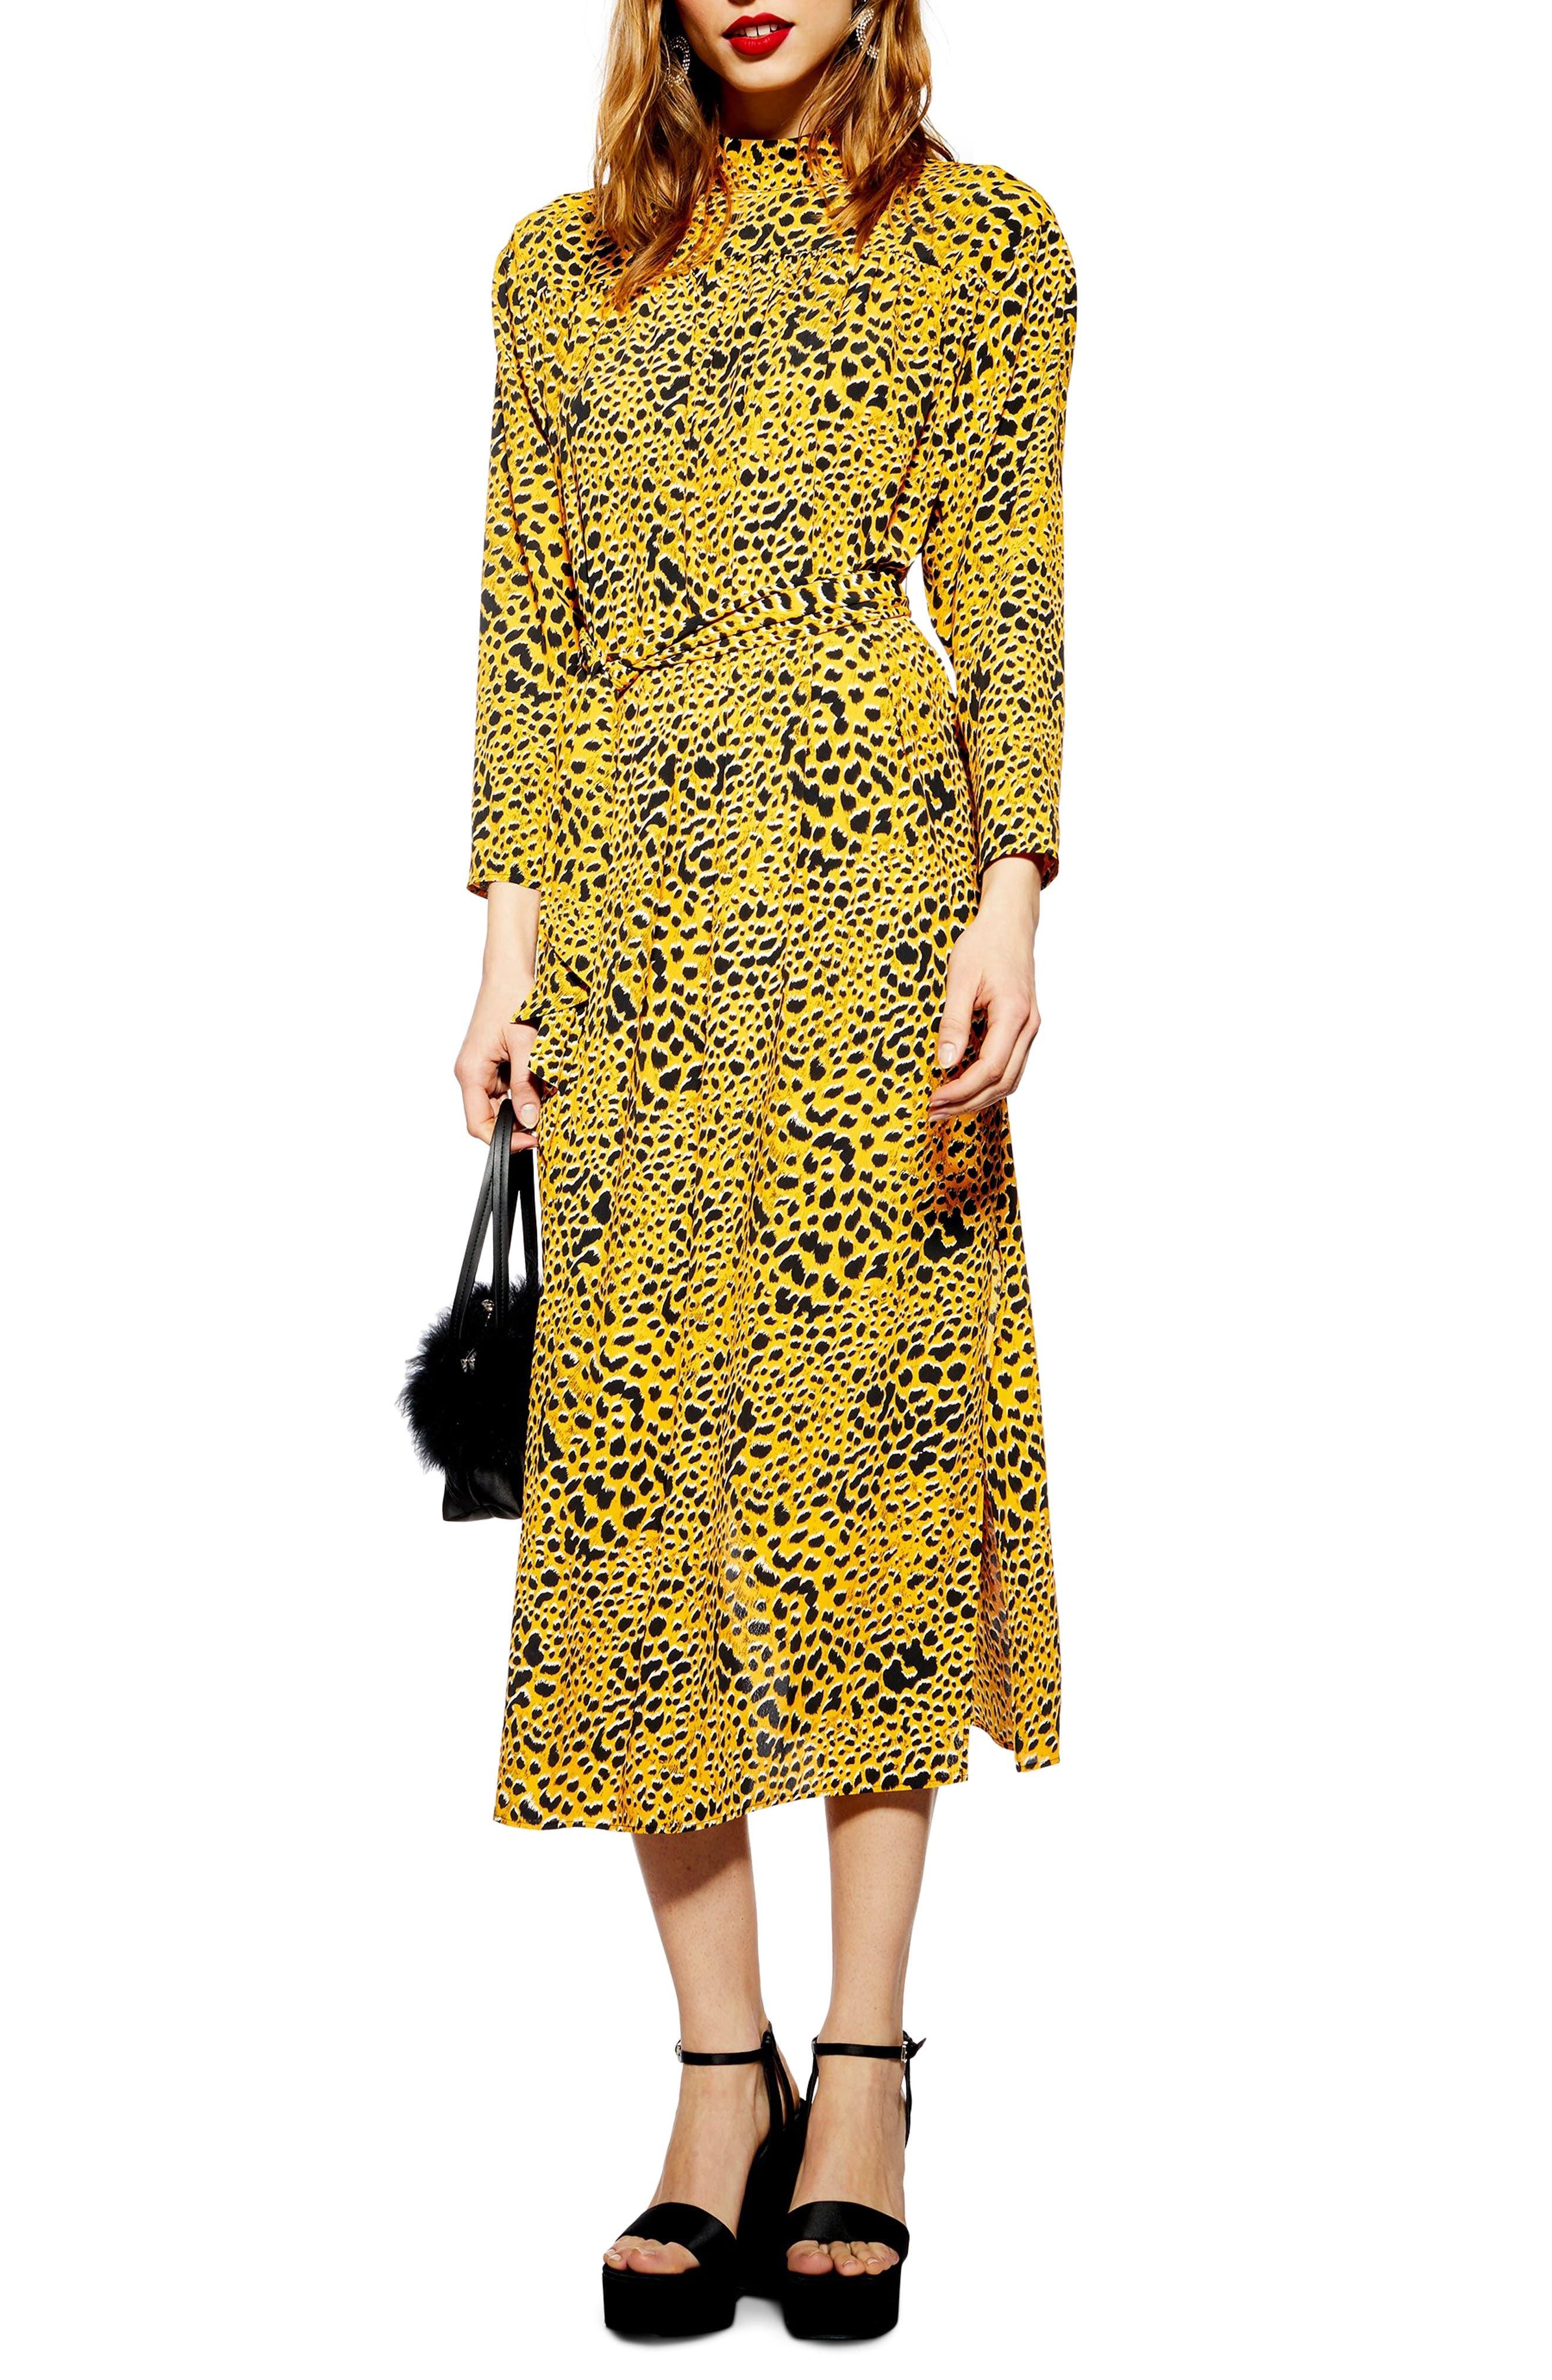 Topshop Abstract Animal Print Midi Dress, US (fits like 0-2) - Yellow